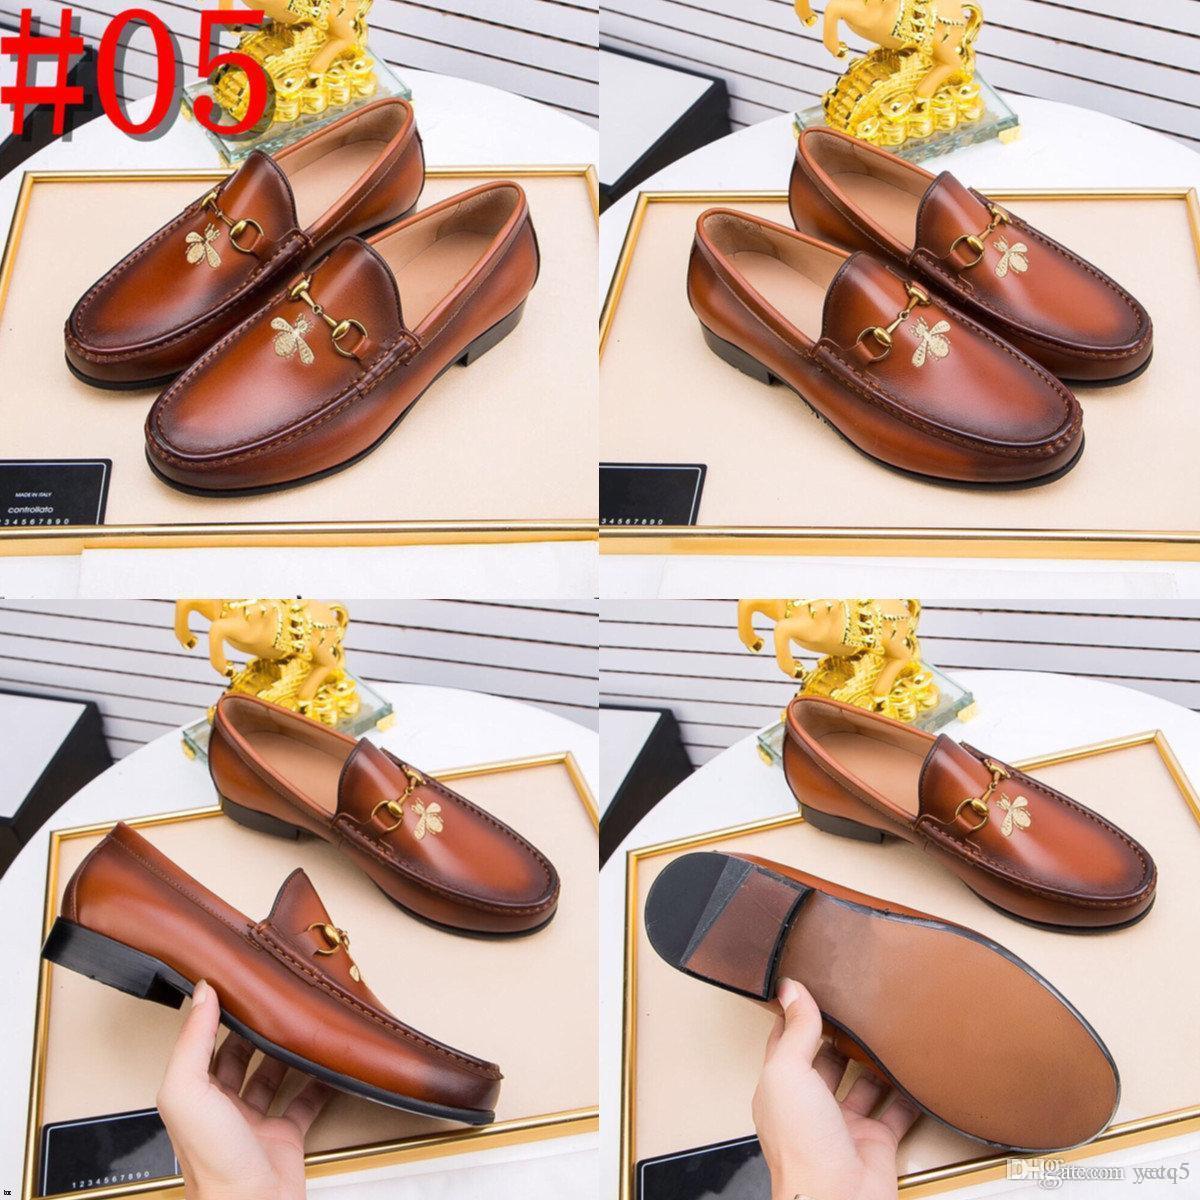 C5 21SS Pelle in pelle scamosciata in pelle di lusso scarpe da uomo Oxford scarpe casual scarpe classiche sneakers confortevoli calzature scarpe da calzatura scarpe da ampia dimensione appartamenti 22